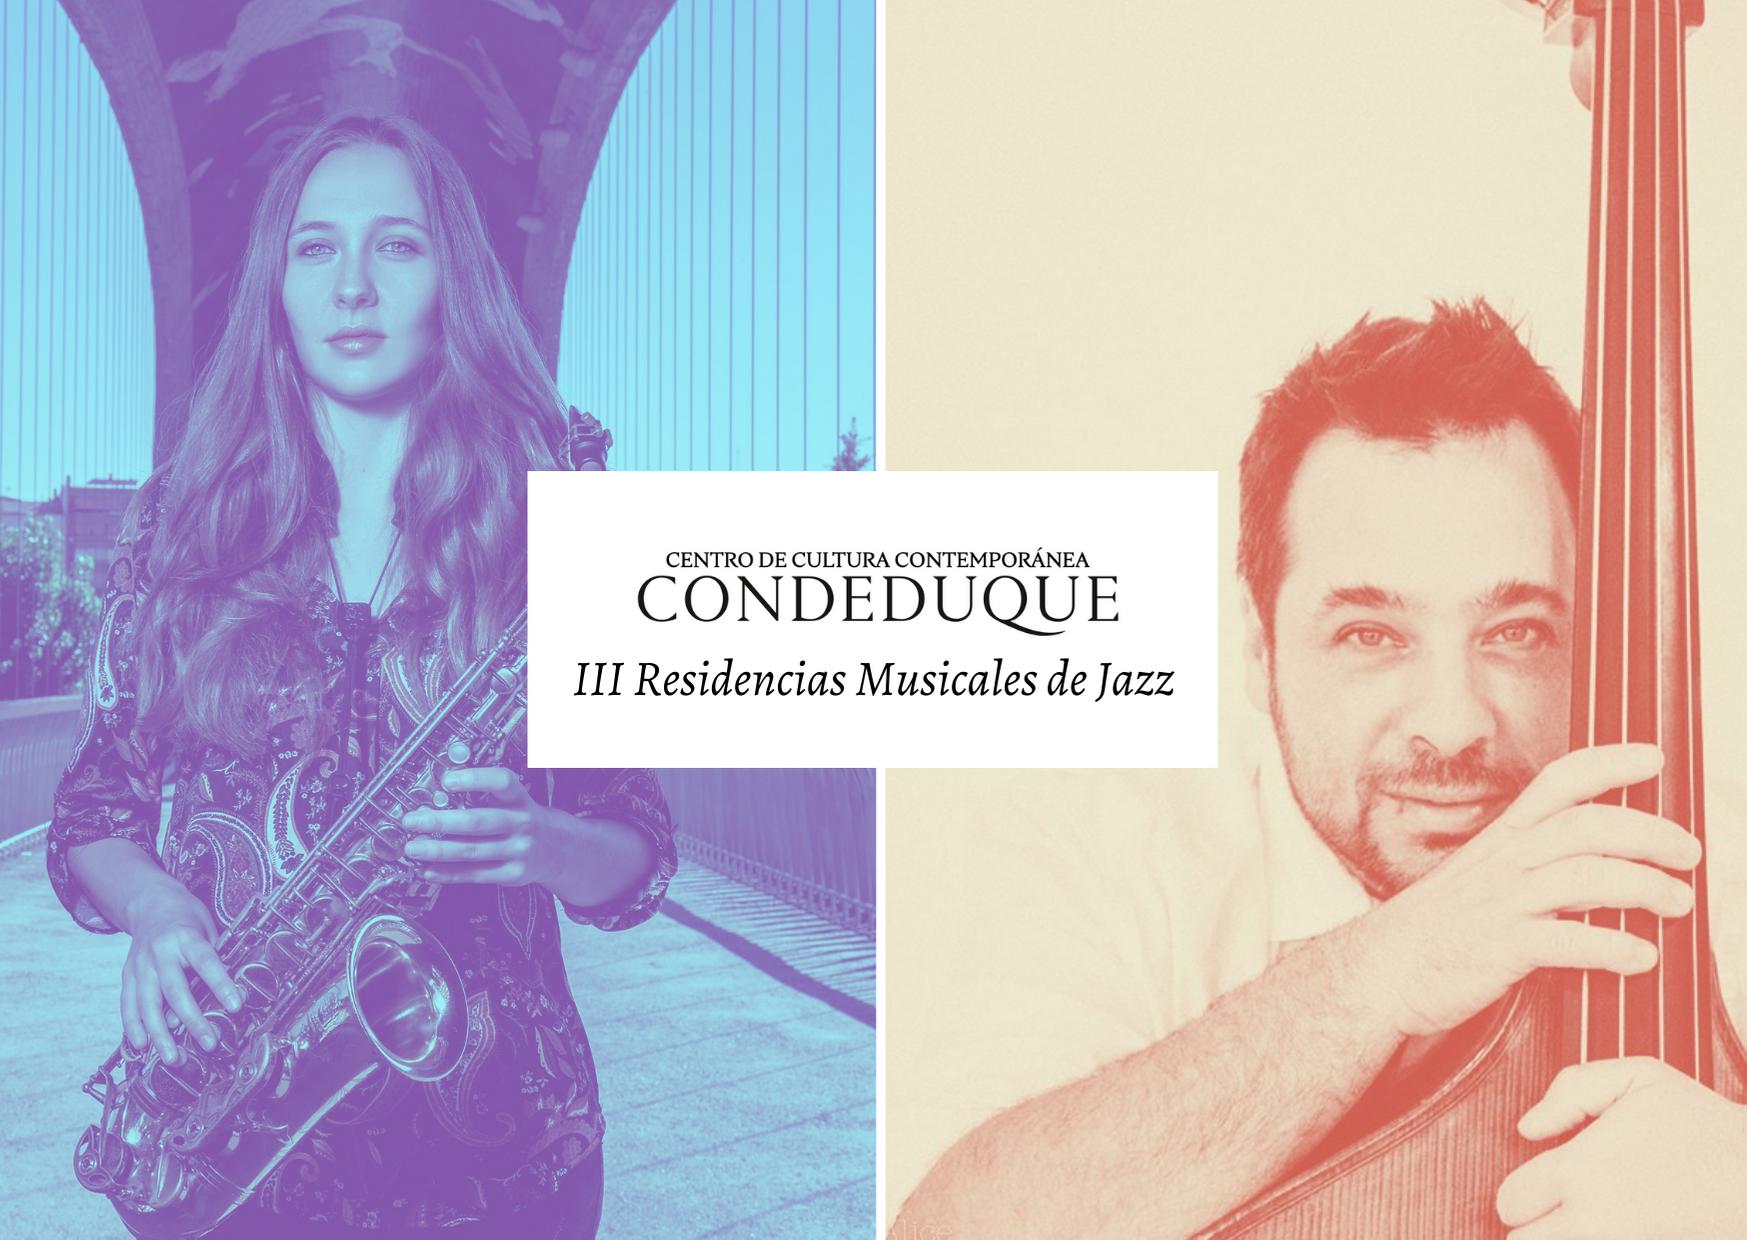 III Residencias Musicales de Jazz en Conde Duque